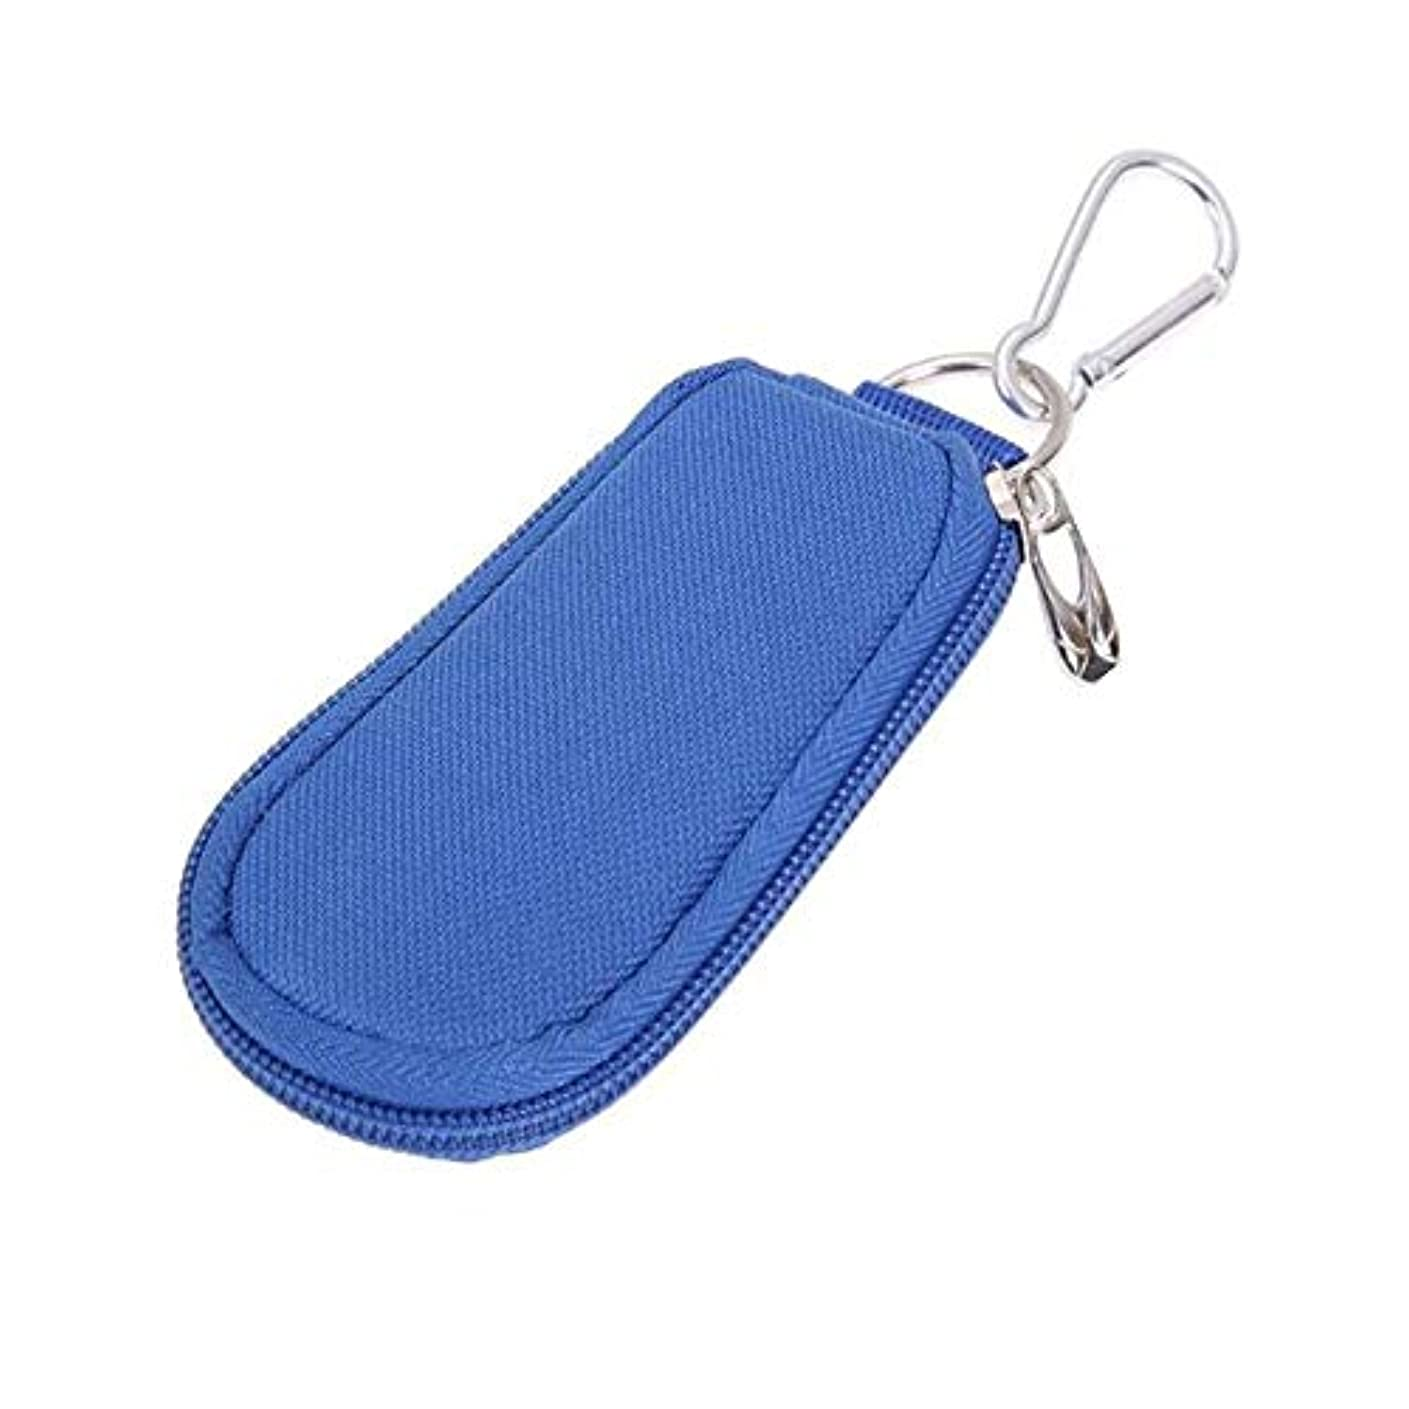 メンテナンス蒸し器物理精油ケース エッセンシャルオイルストレージオーガナイザーブルー走行用1-3MLエッセンシャルオイルバッグパーフェクトを開催します 携帯便利 (色 : 青, サイズ : 11.5X6.5X1.5CM)